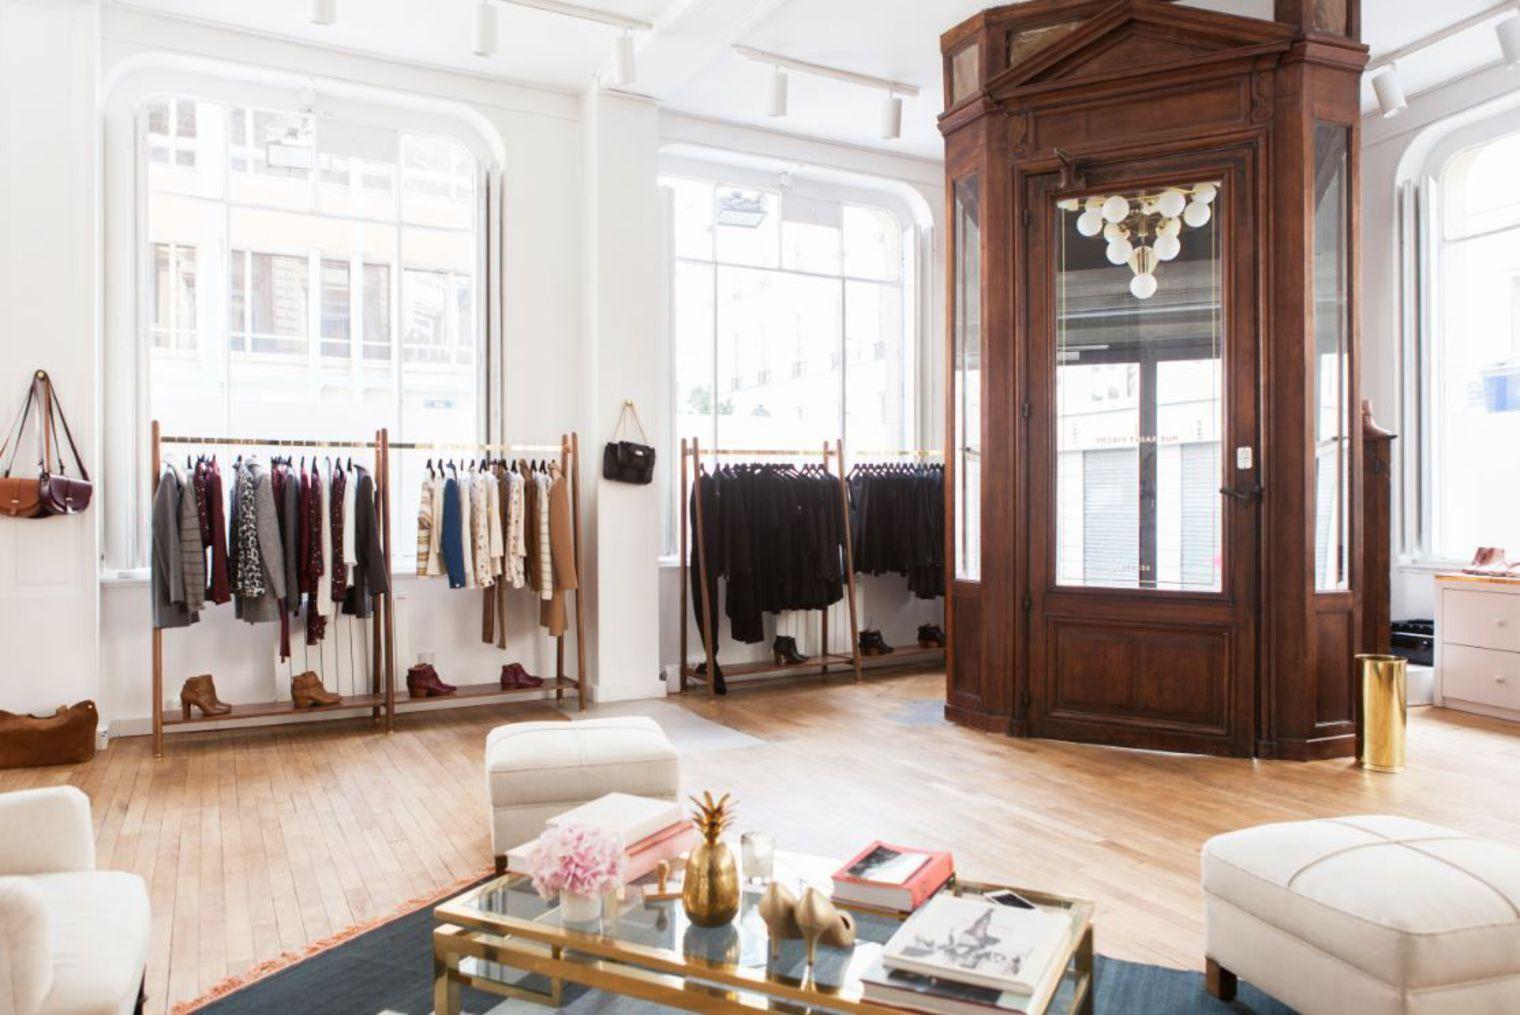 Location appartement Paris: de particulier à particulier